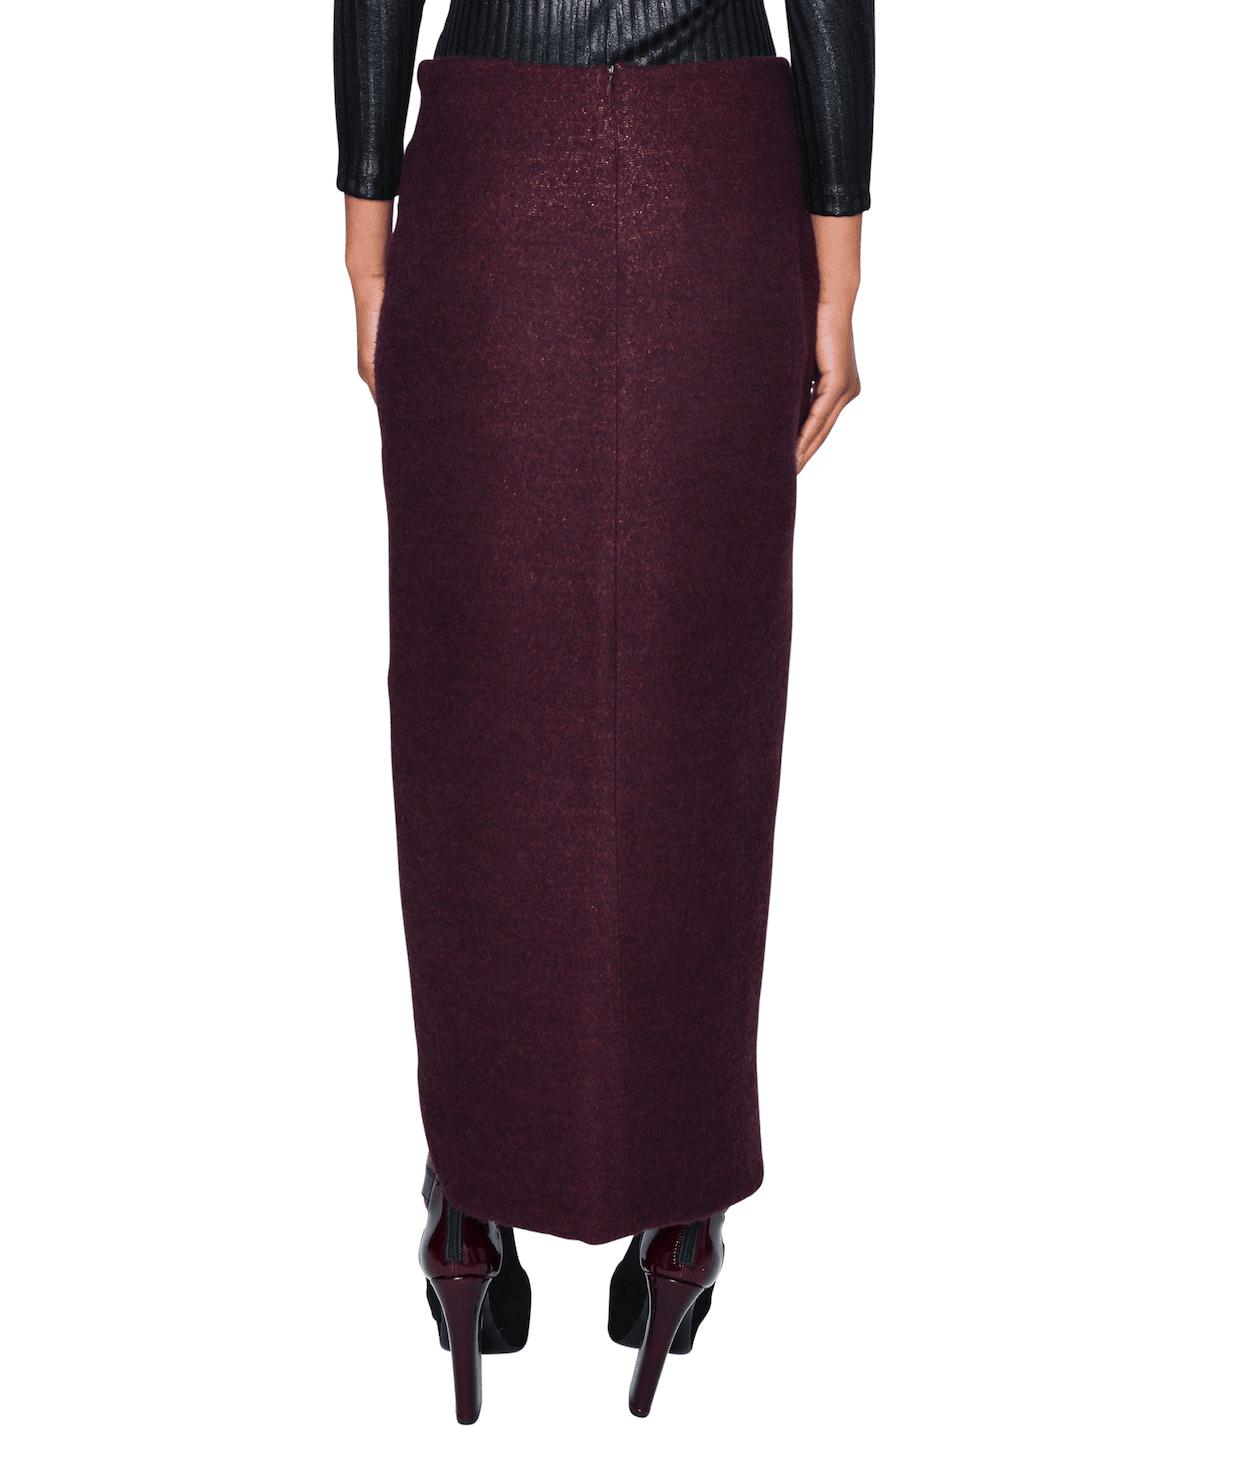 Skirt THUBAN 1